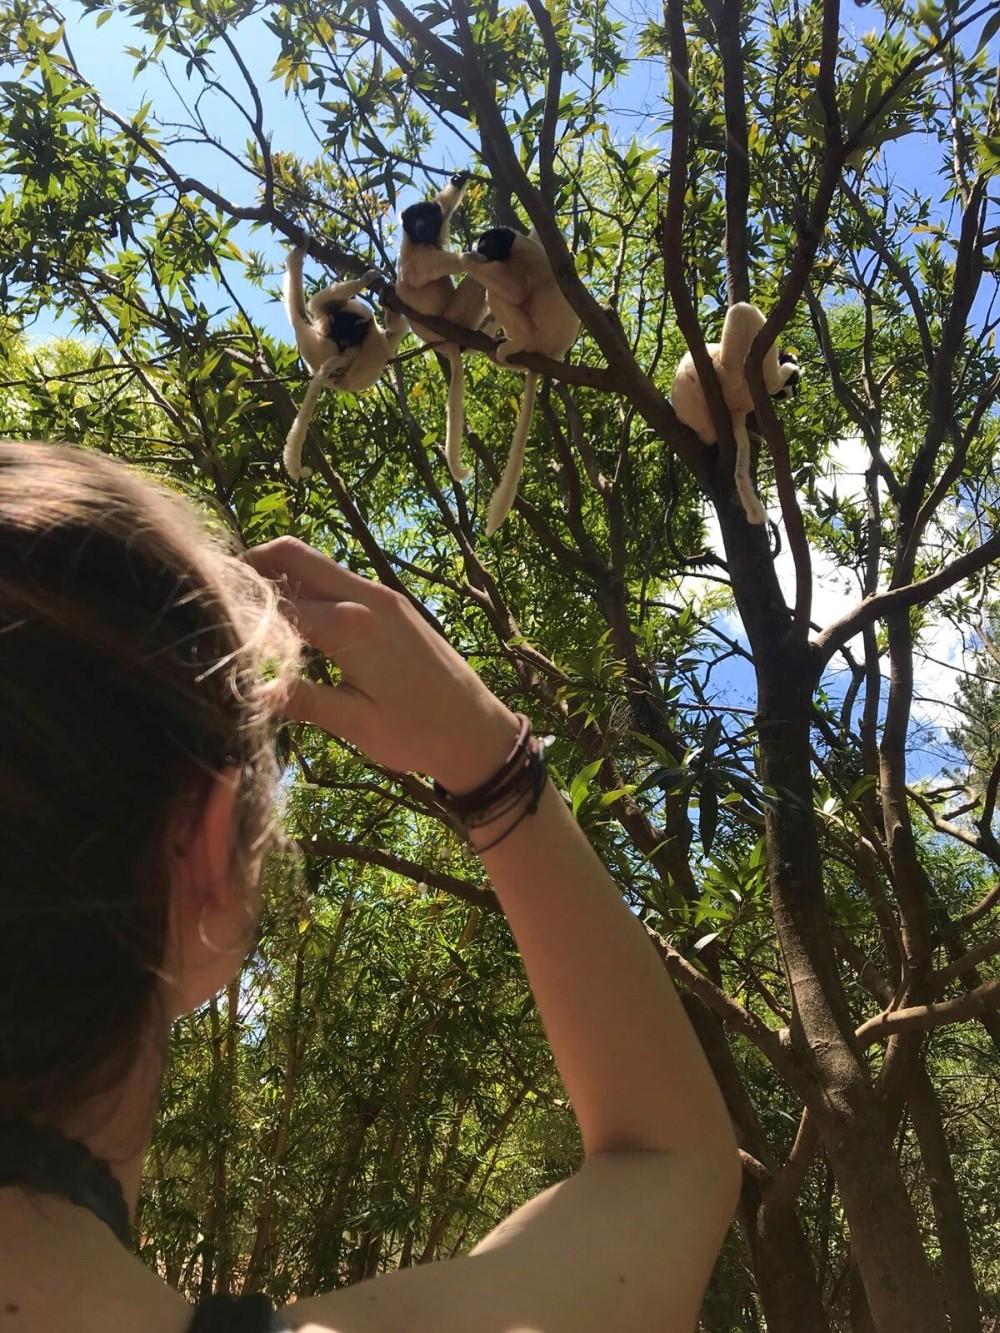 Unvergessliche Reise: Flauschige Begleiter sind die Lemuren Madagaskars © PREVIDOLI